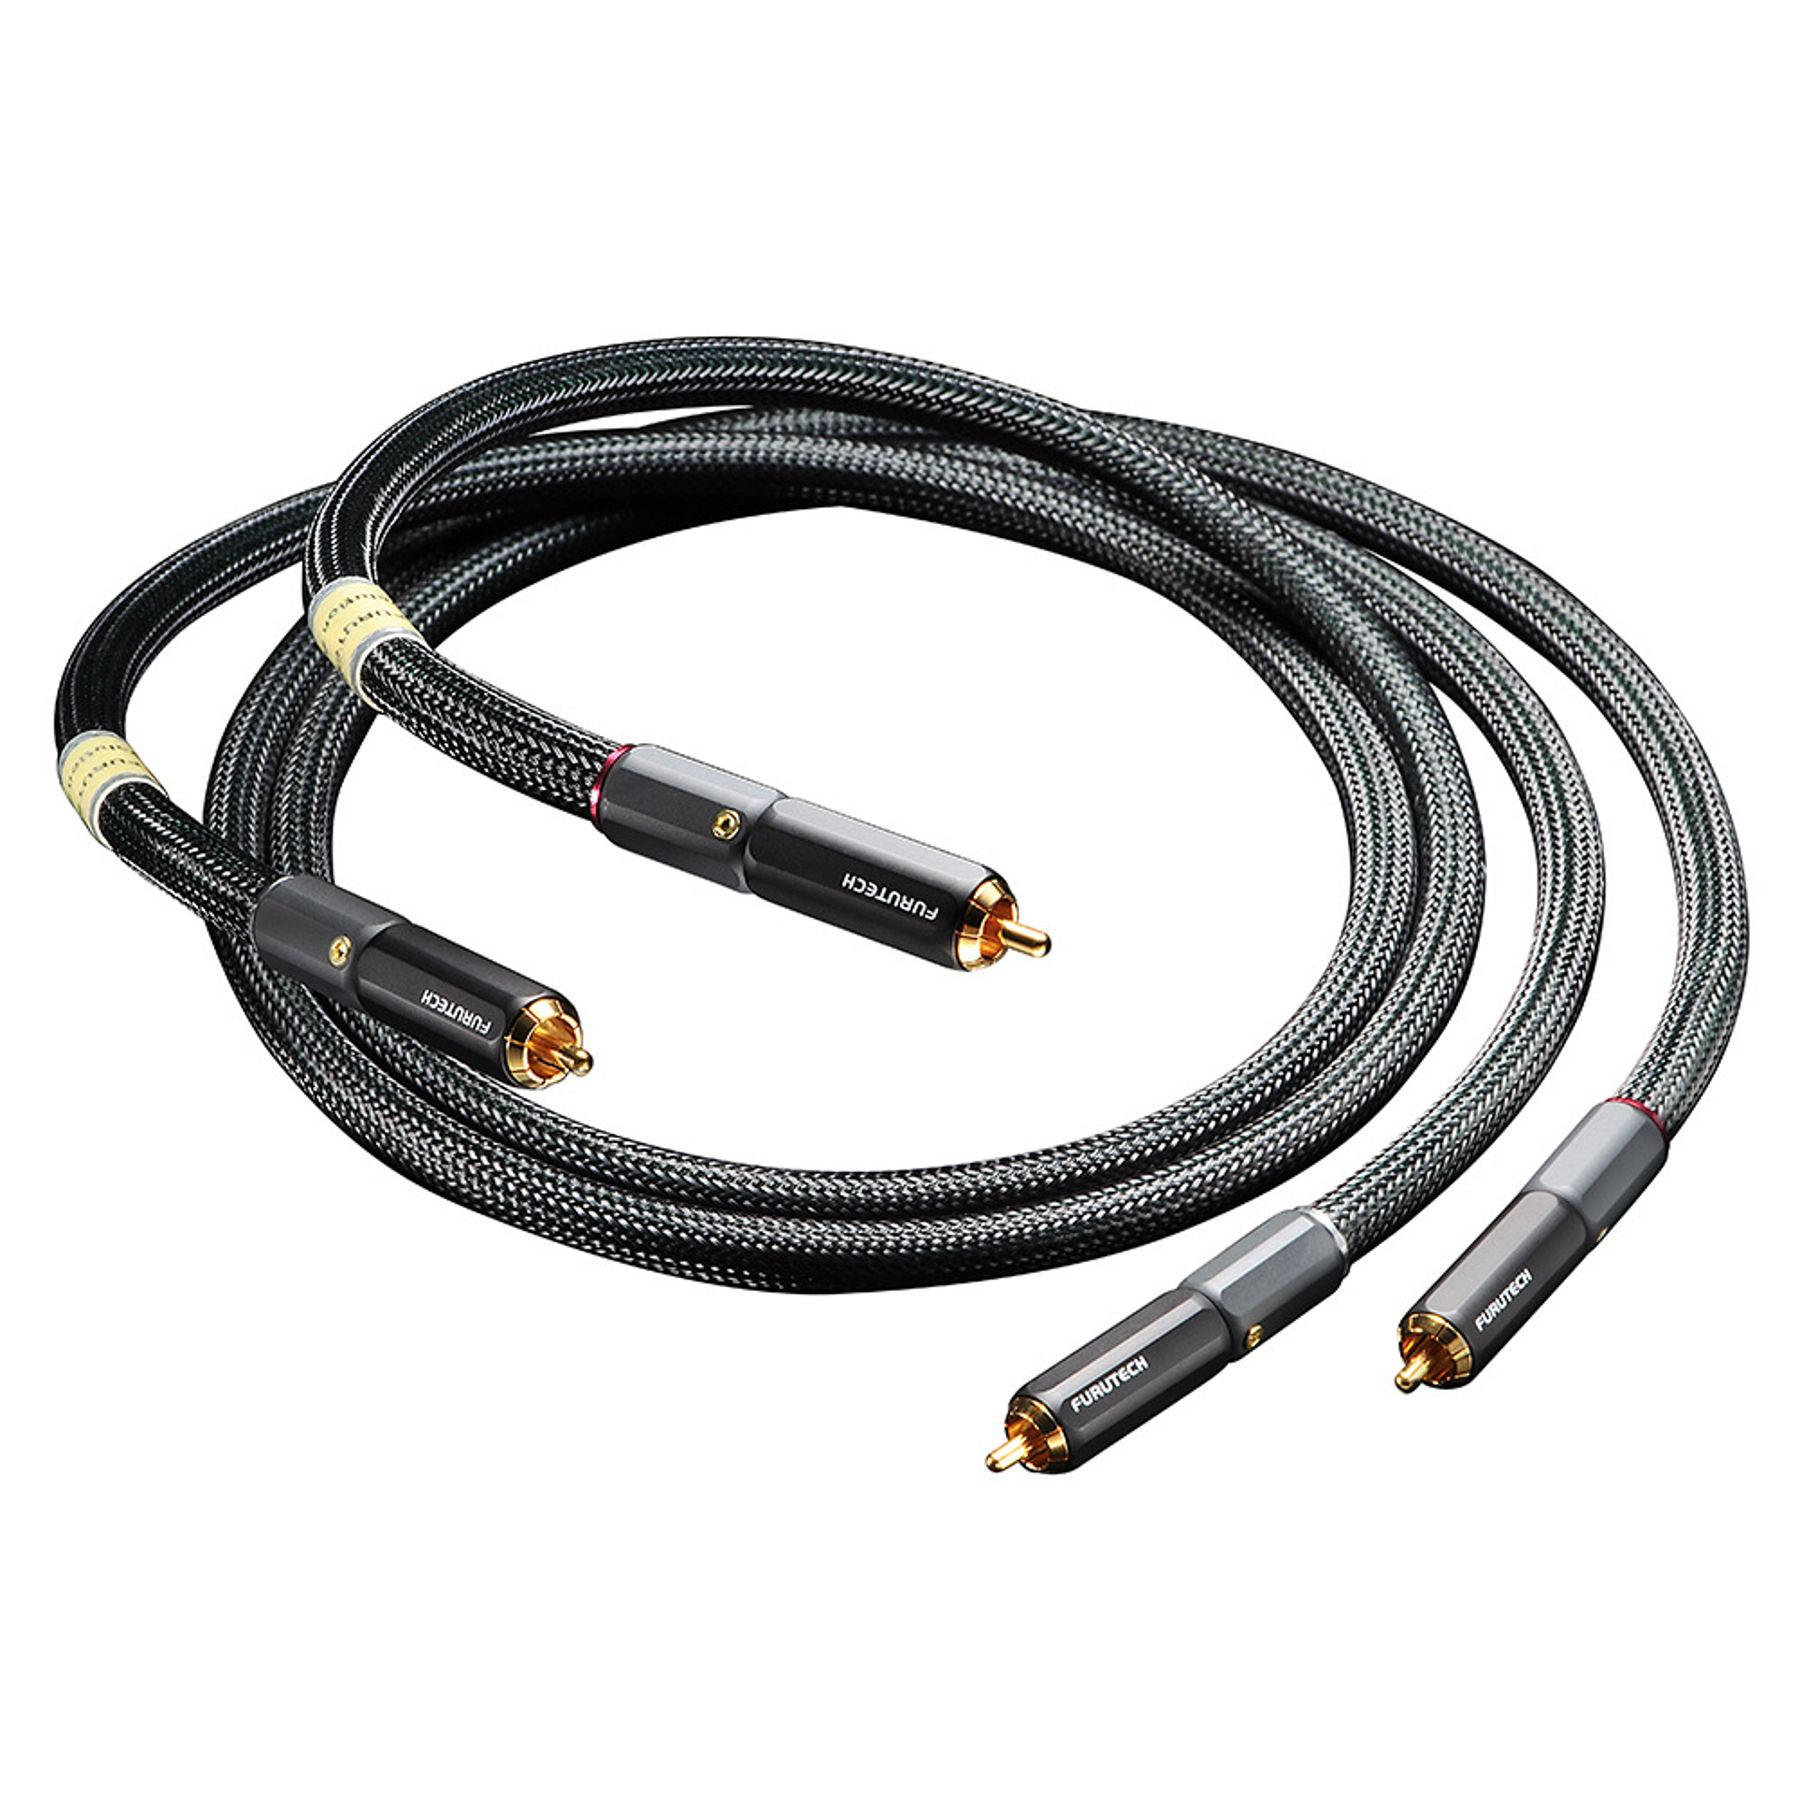 Межблочный кабель класса Furutech Evolution Audio II (RCA)